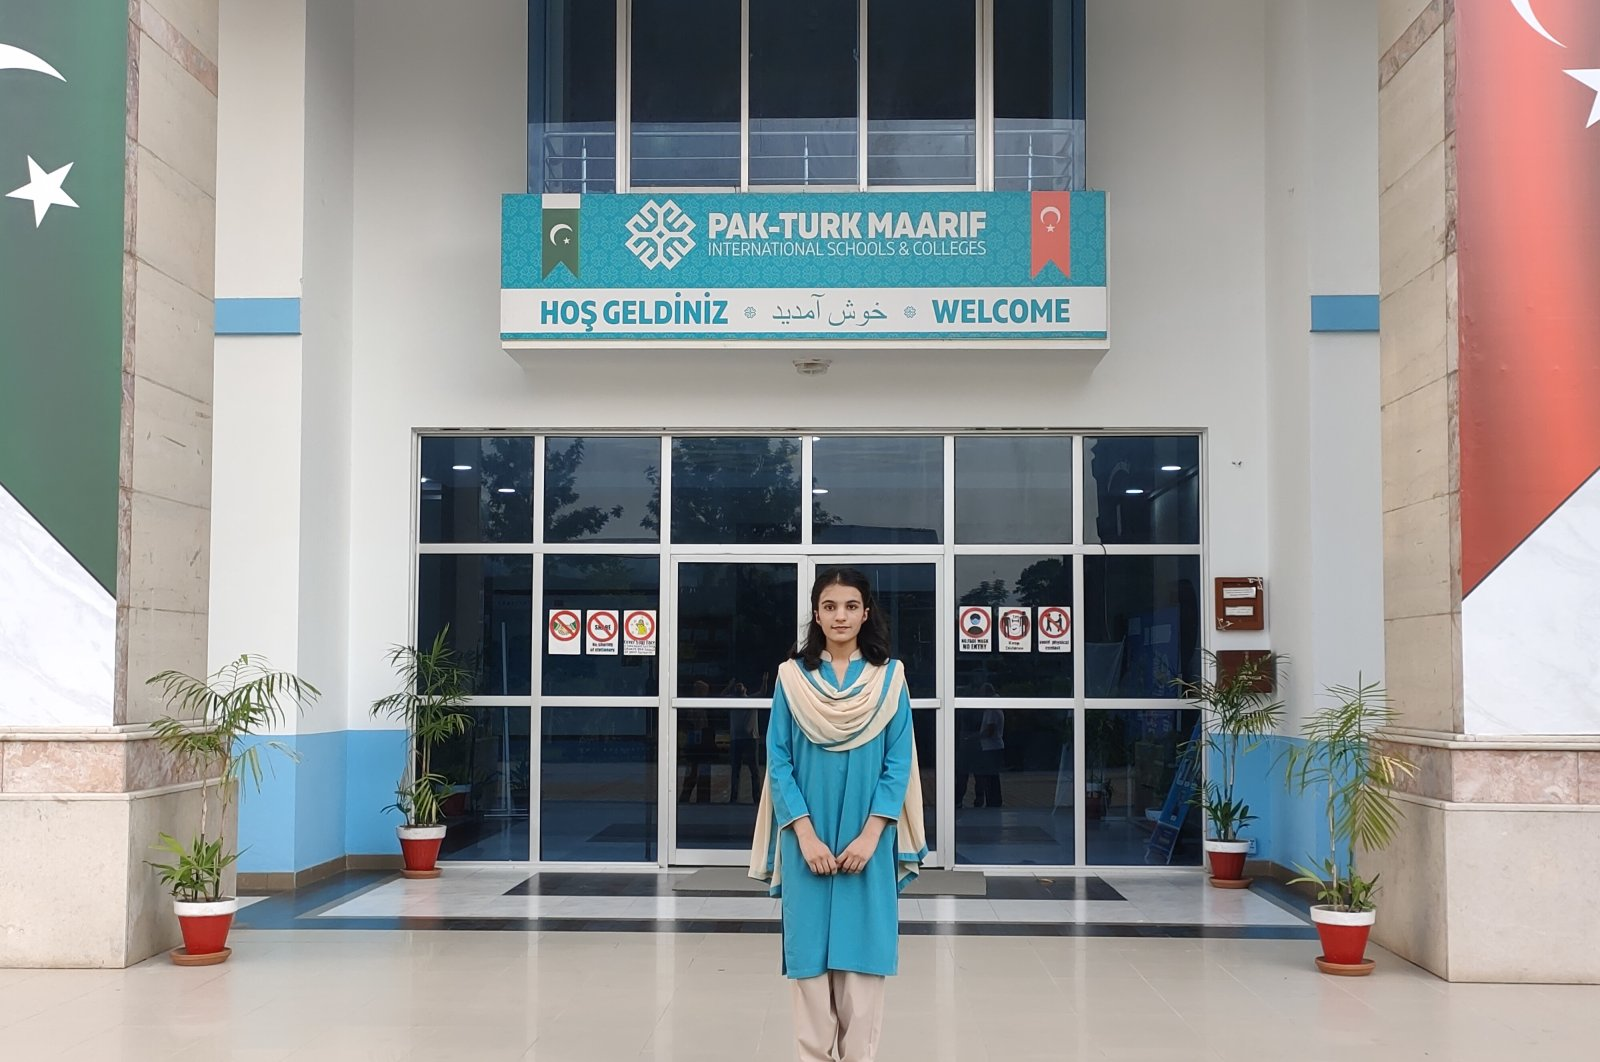 Pakistani student Moiza Zahid poses in front of a Pak-Türk Maarif International School in Islamabad, Pakistan, Sept. 28, 2021. (AA Photo)